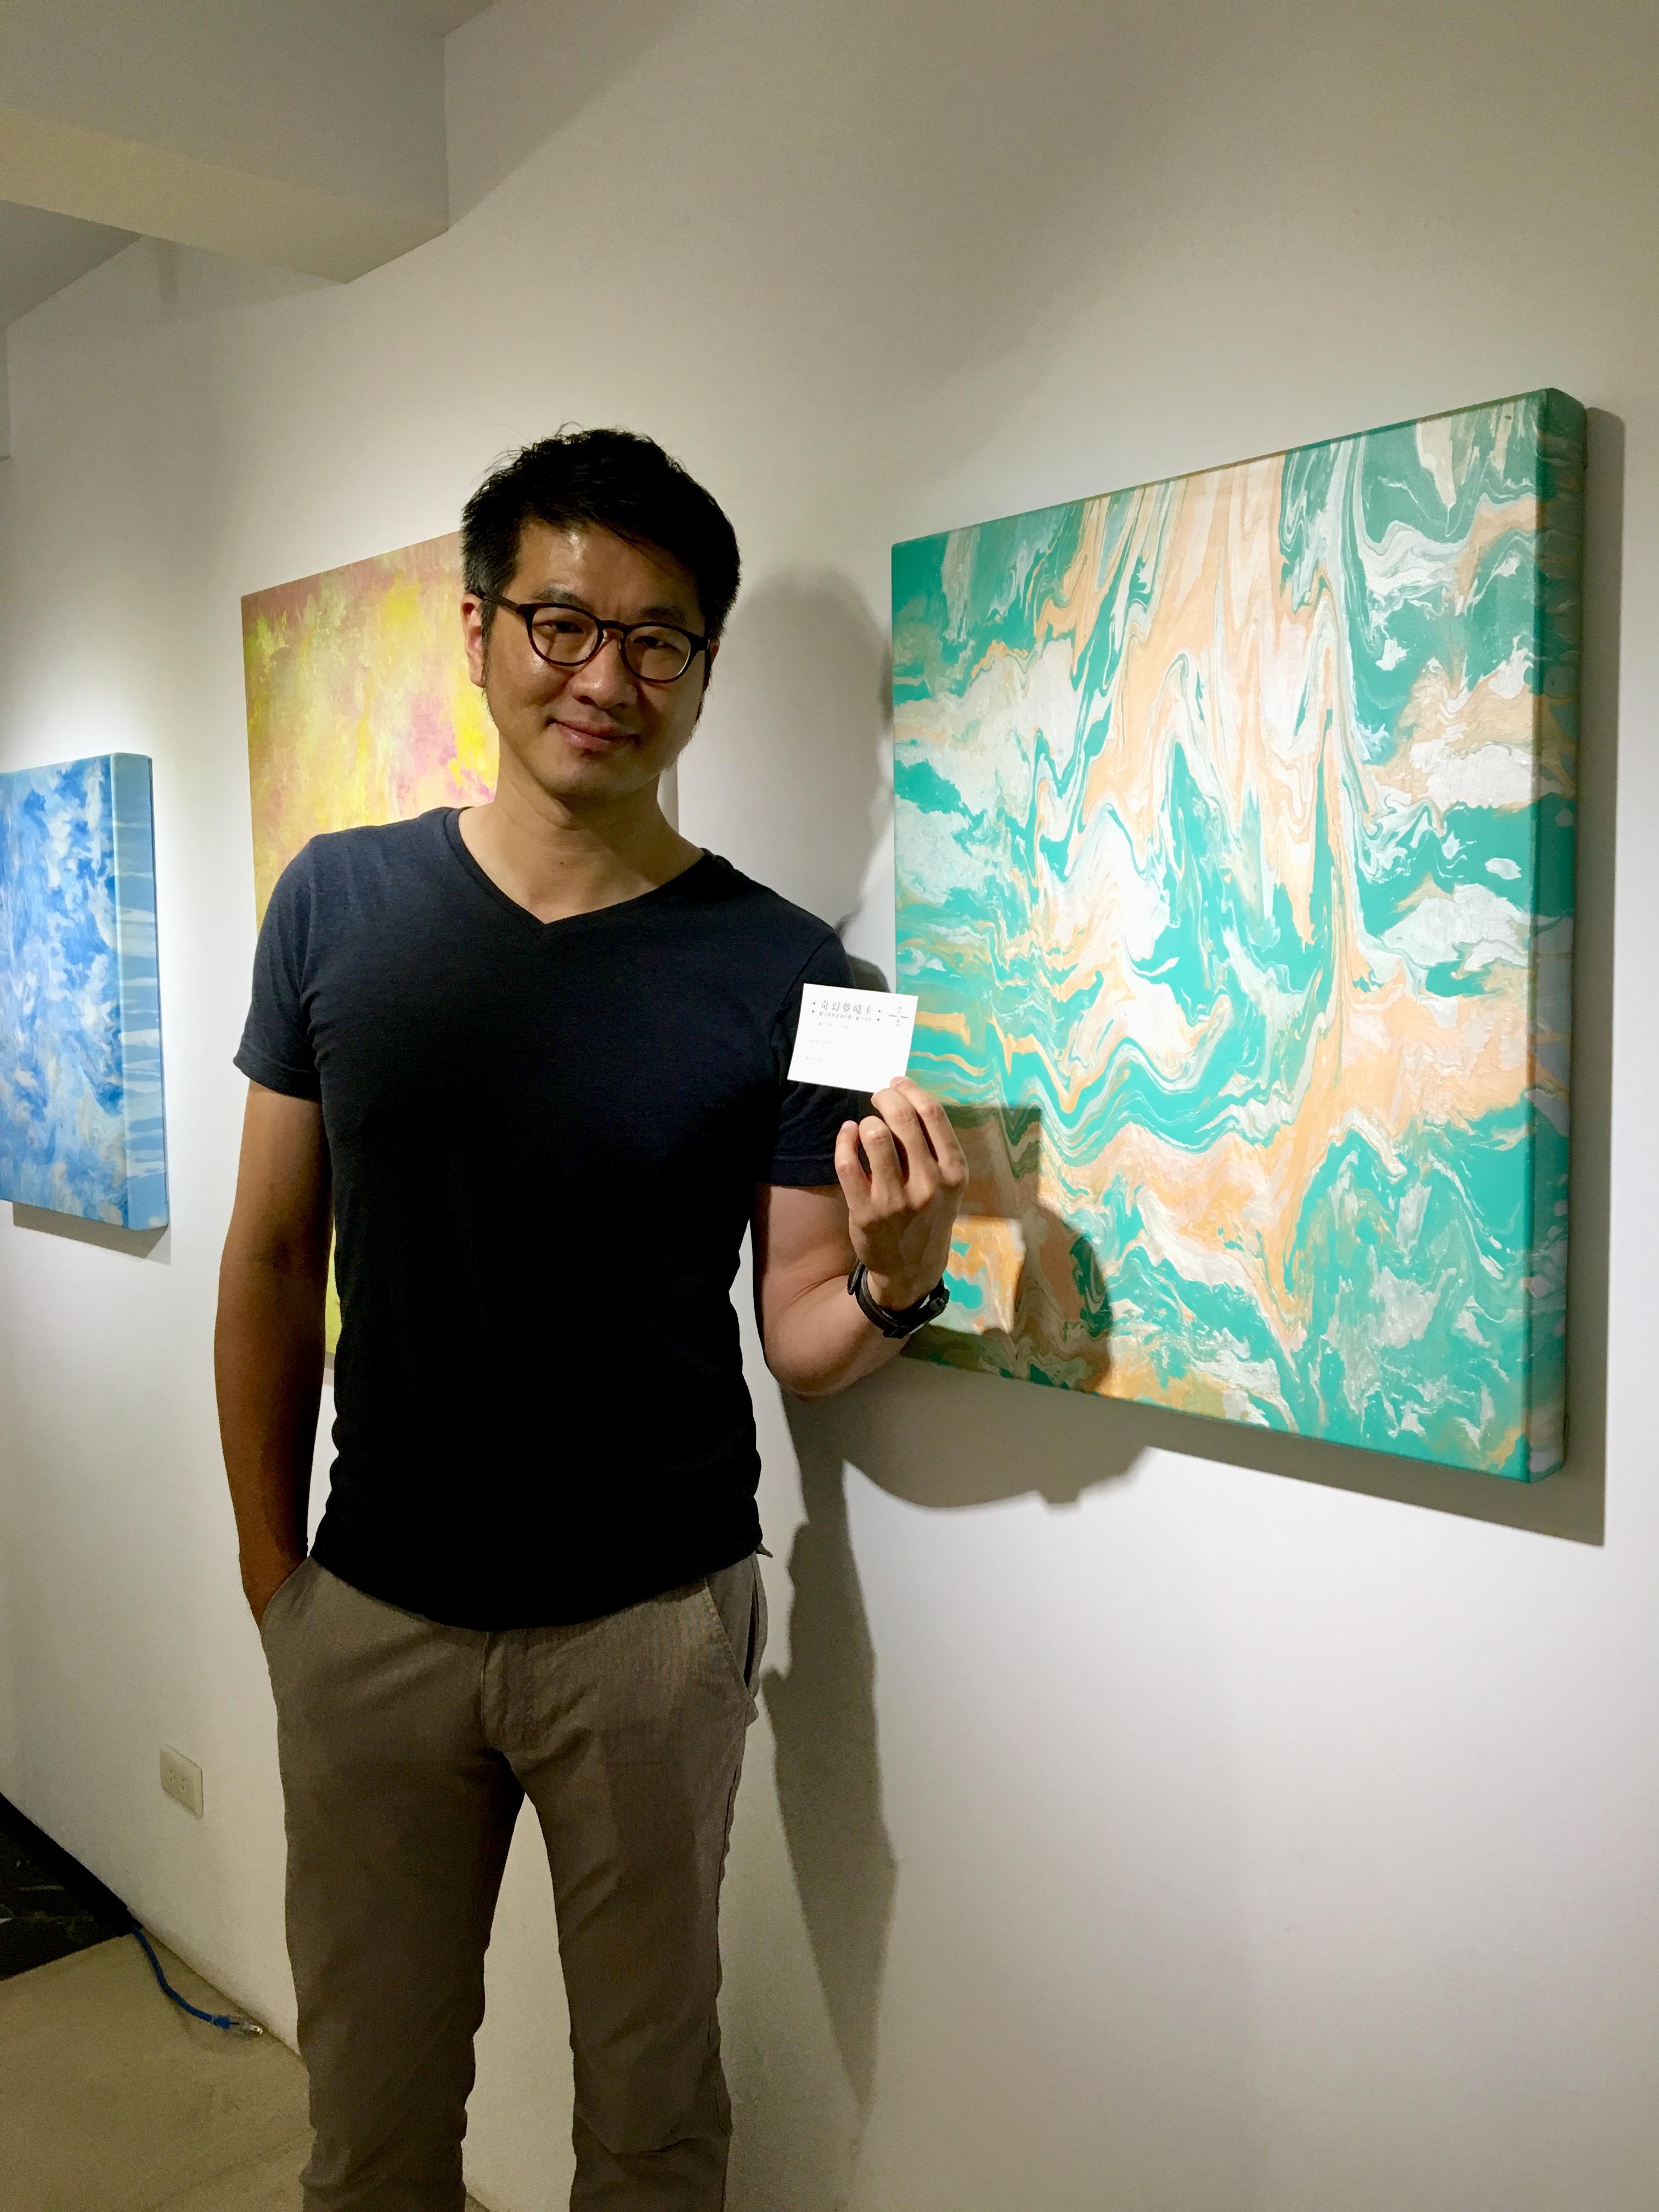 奇幻夢境卡-旅英藝術創作者 謝清安Ian Hsieh奇幻創作個展